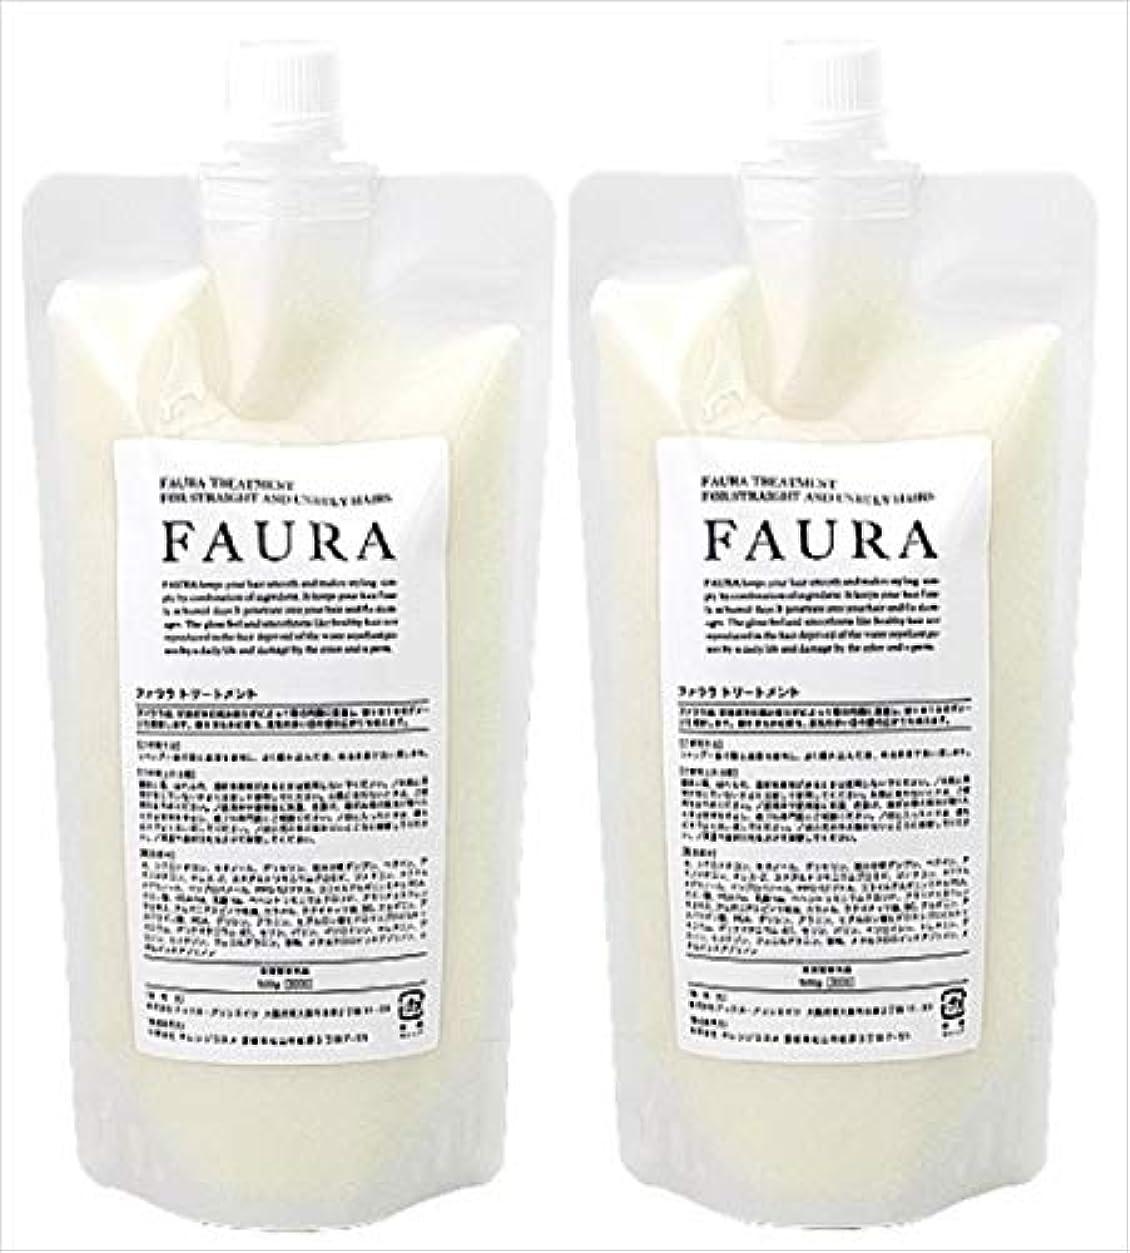 占めるレンド事【送料無料】FAURA ファウラ ヘアトリートメント (傷んだ髪に) 詰替500g2つのセット 【サロン専売品】